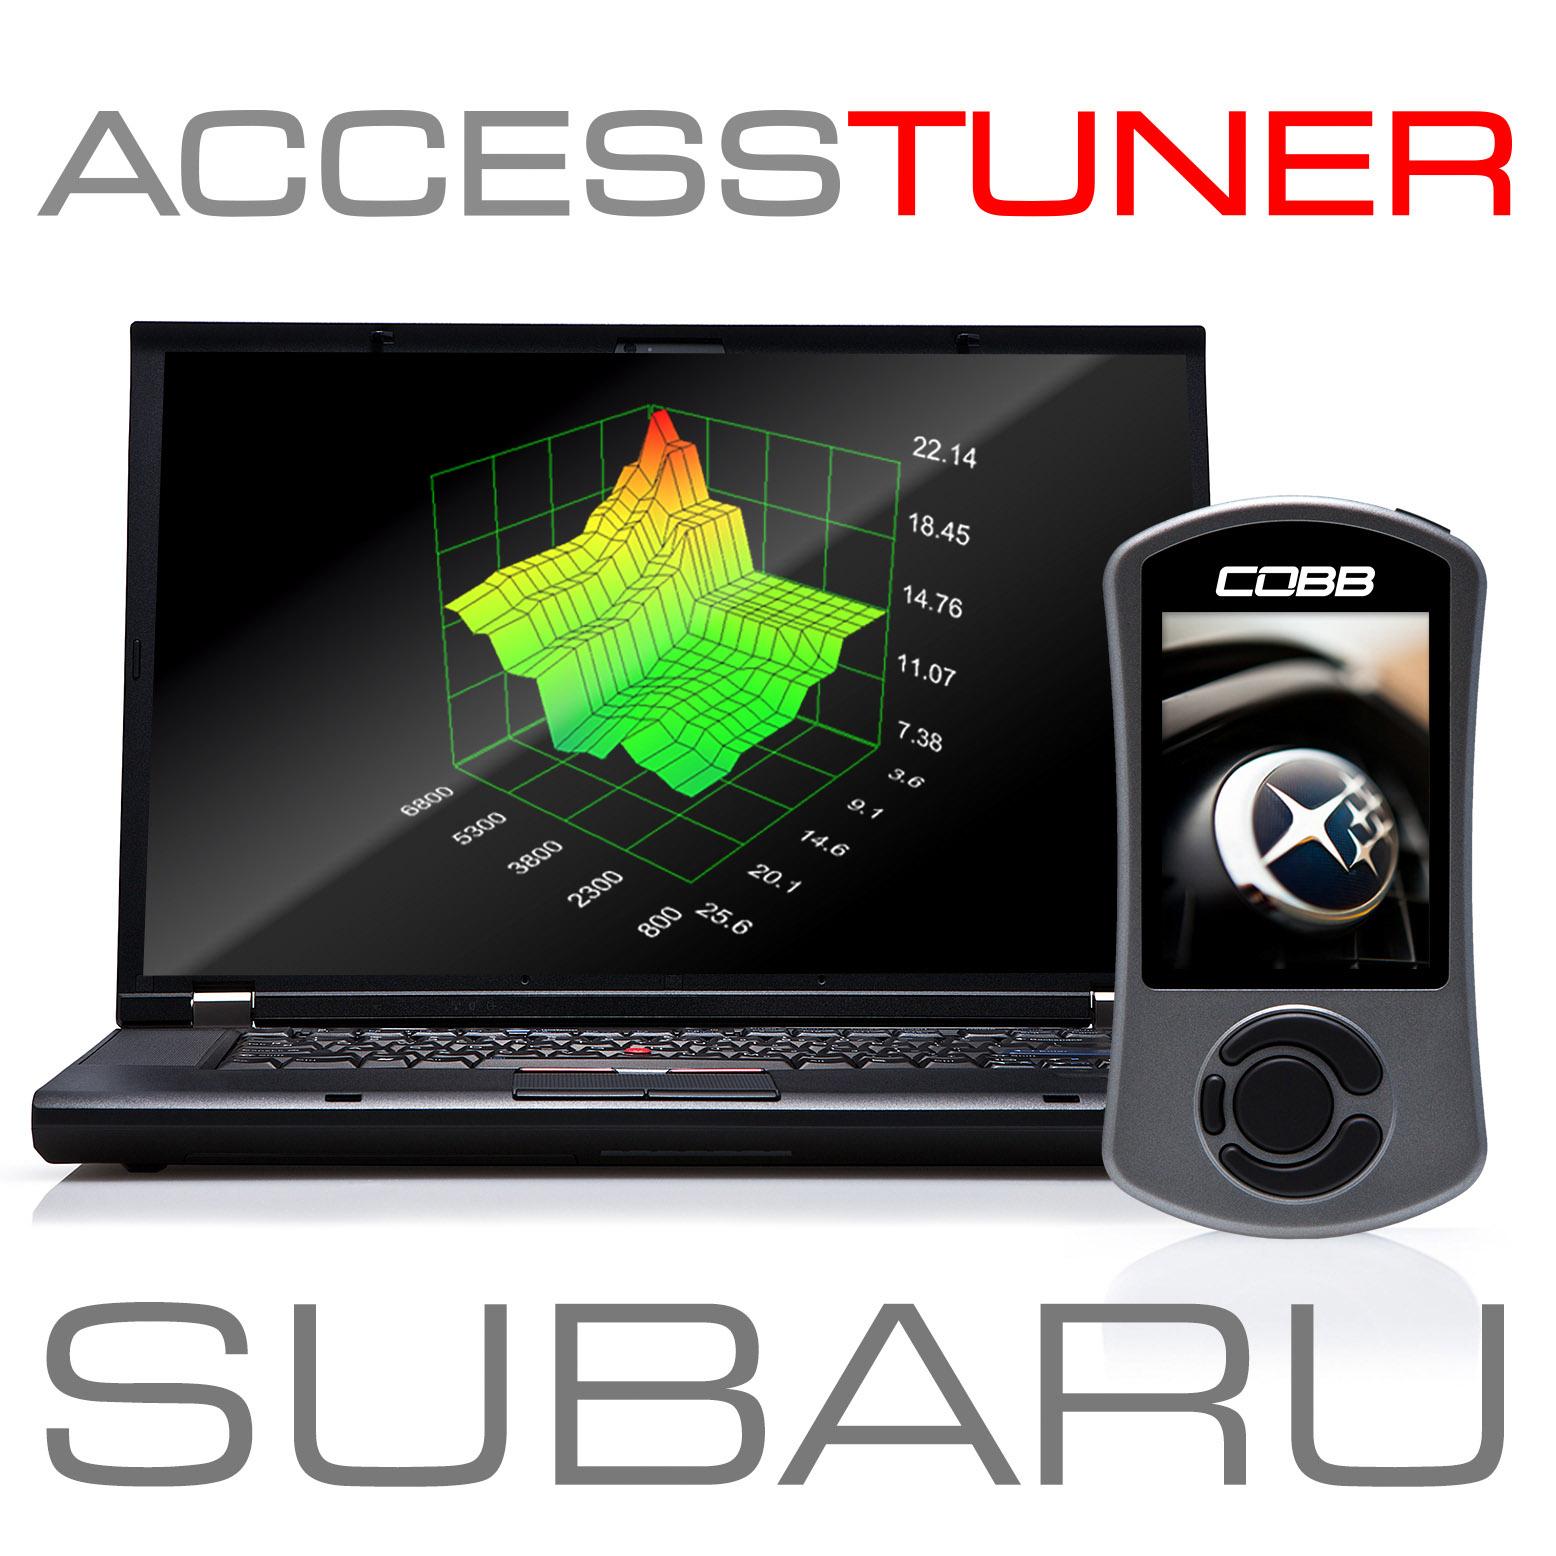 Subaru Accesstuner